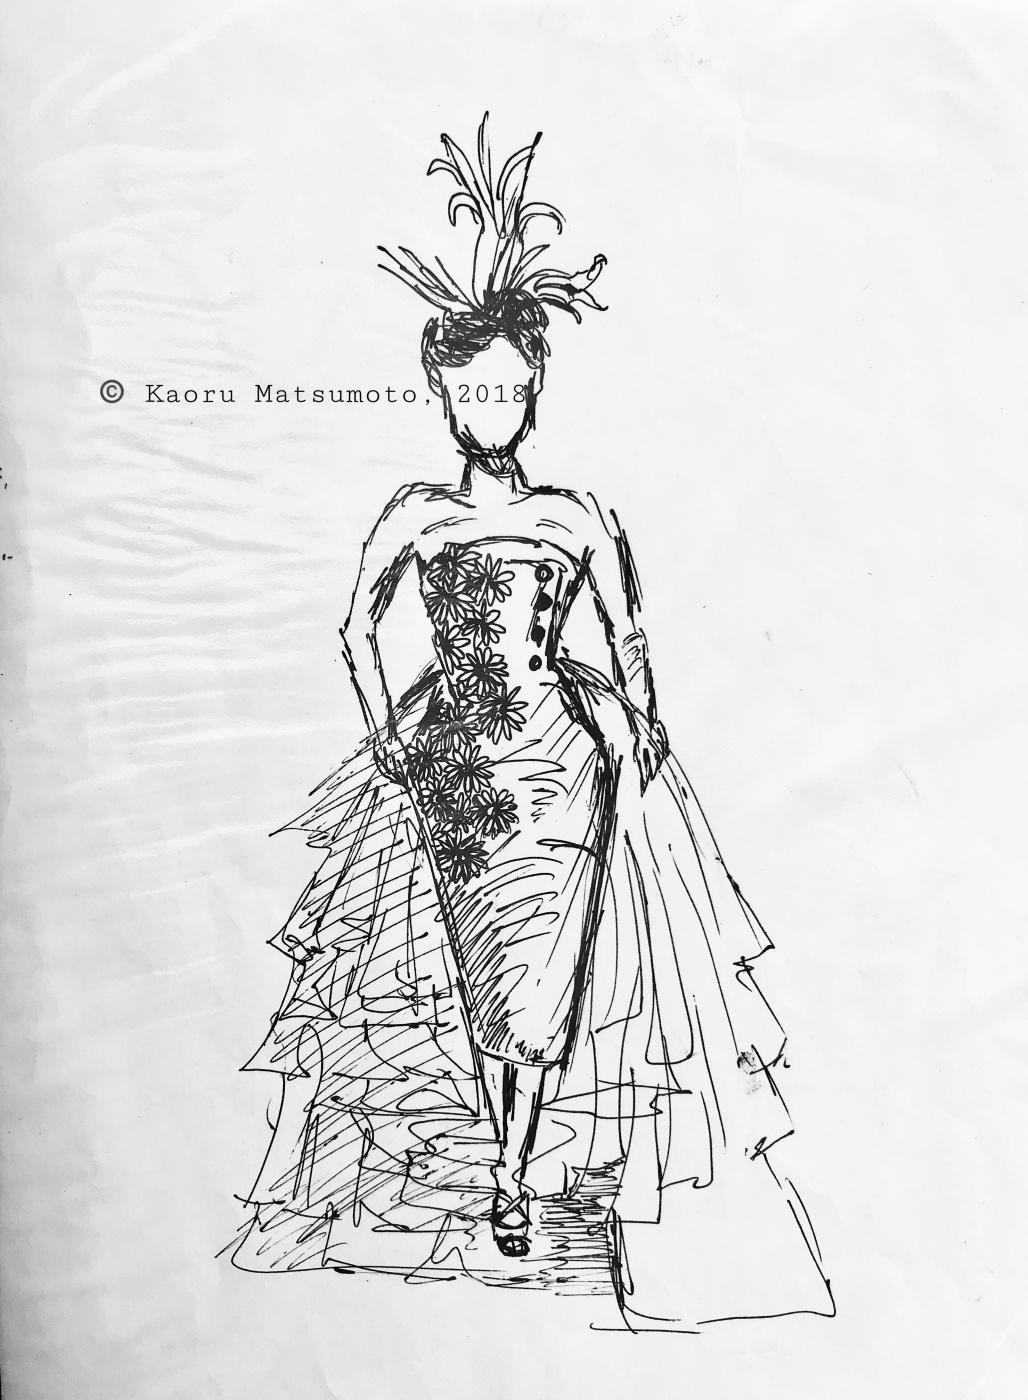 Kaoru Matsumoto. Sketch